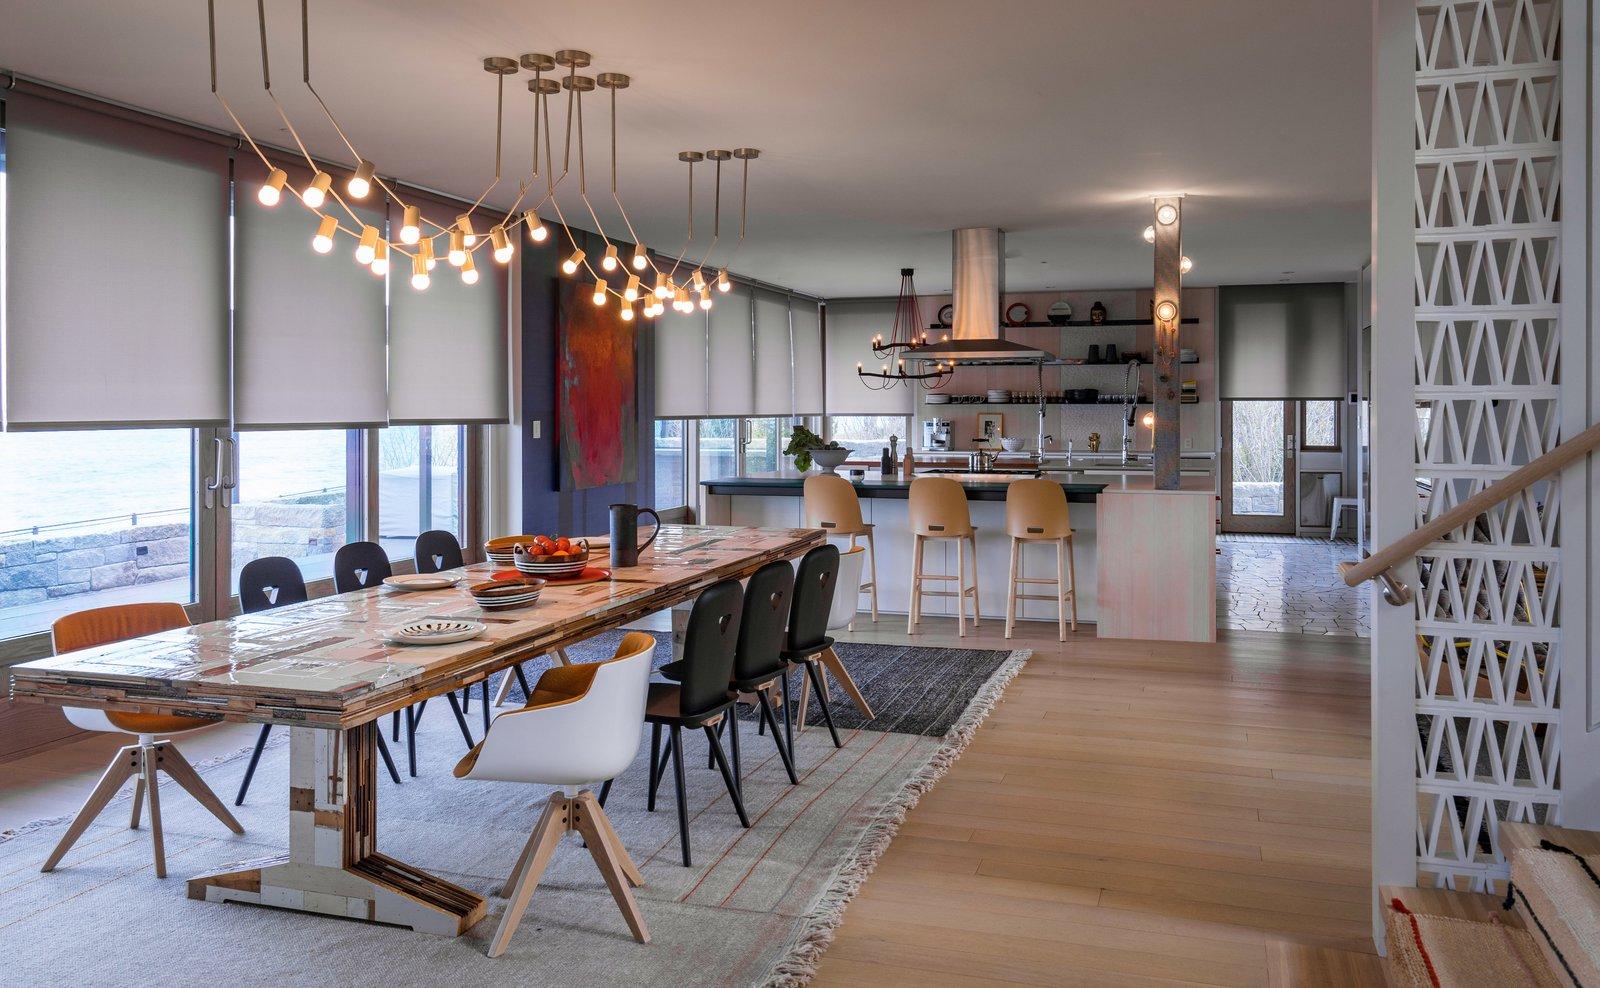 Phòng ăn, Trần ánh sáng, Sàn gỗ cứng nhẹ và Ghế Những sắc thái hiện đại đang cách mạng hóa thị trường - Ảnh 6/8 -